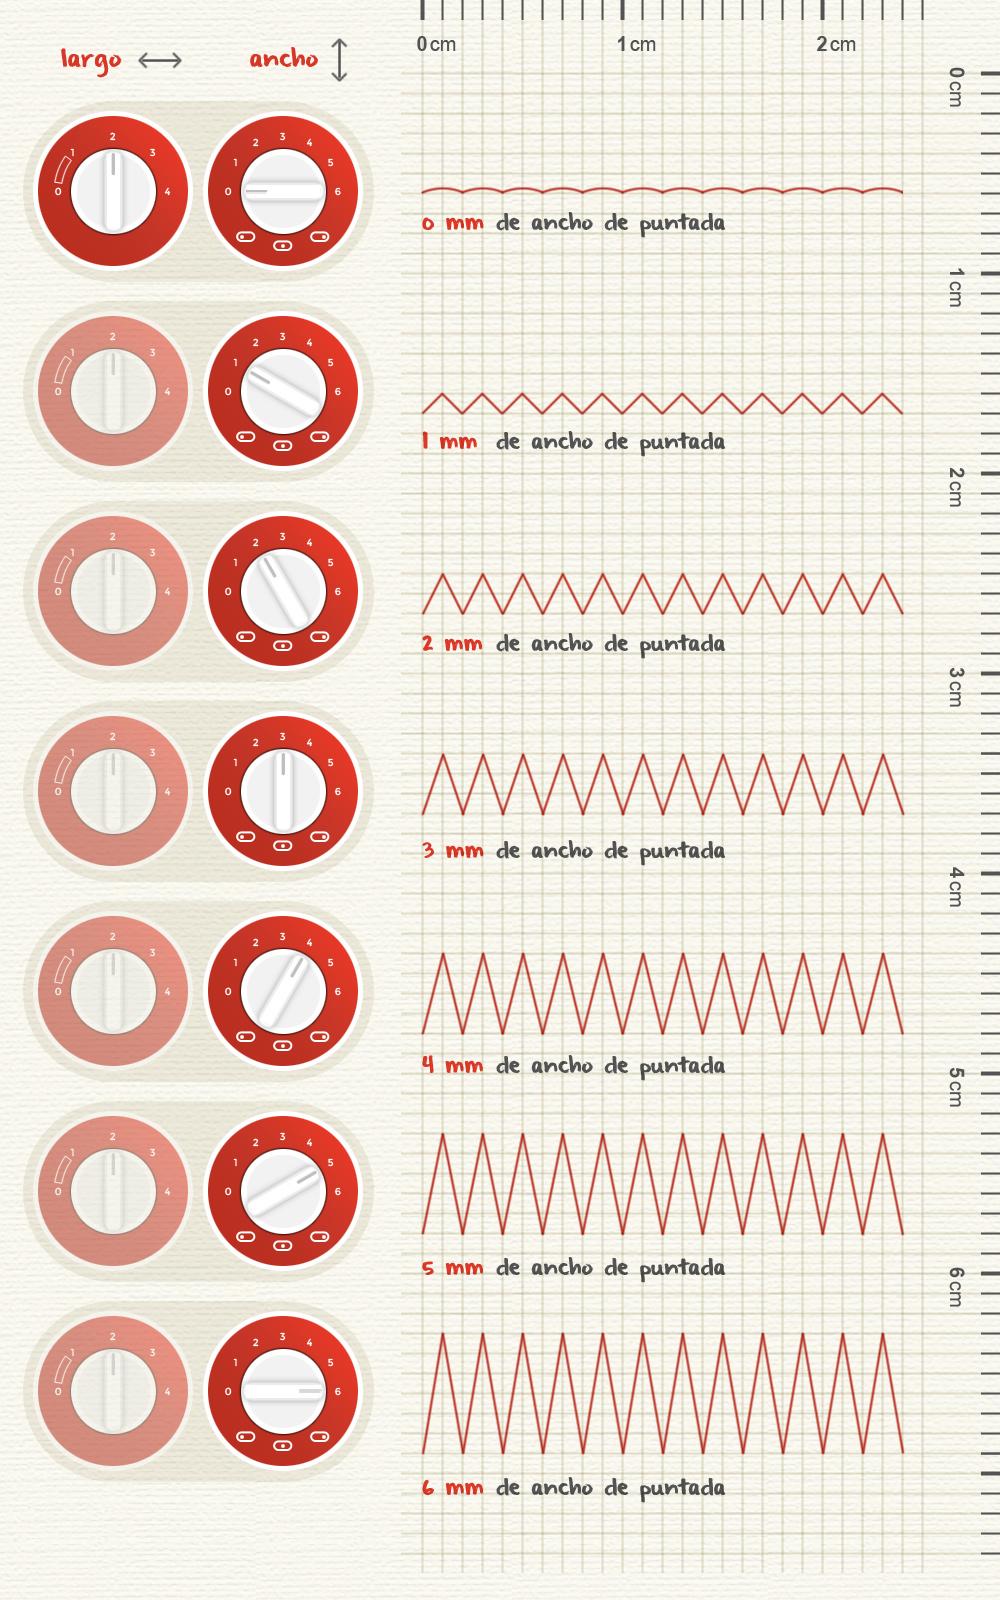 Variación de la anchura de puntada en zigzag